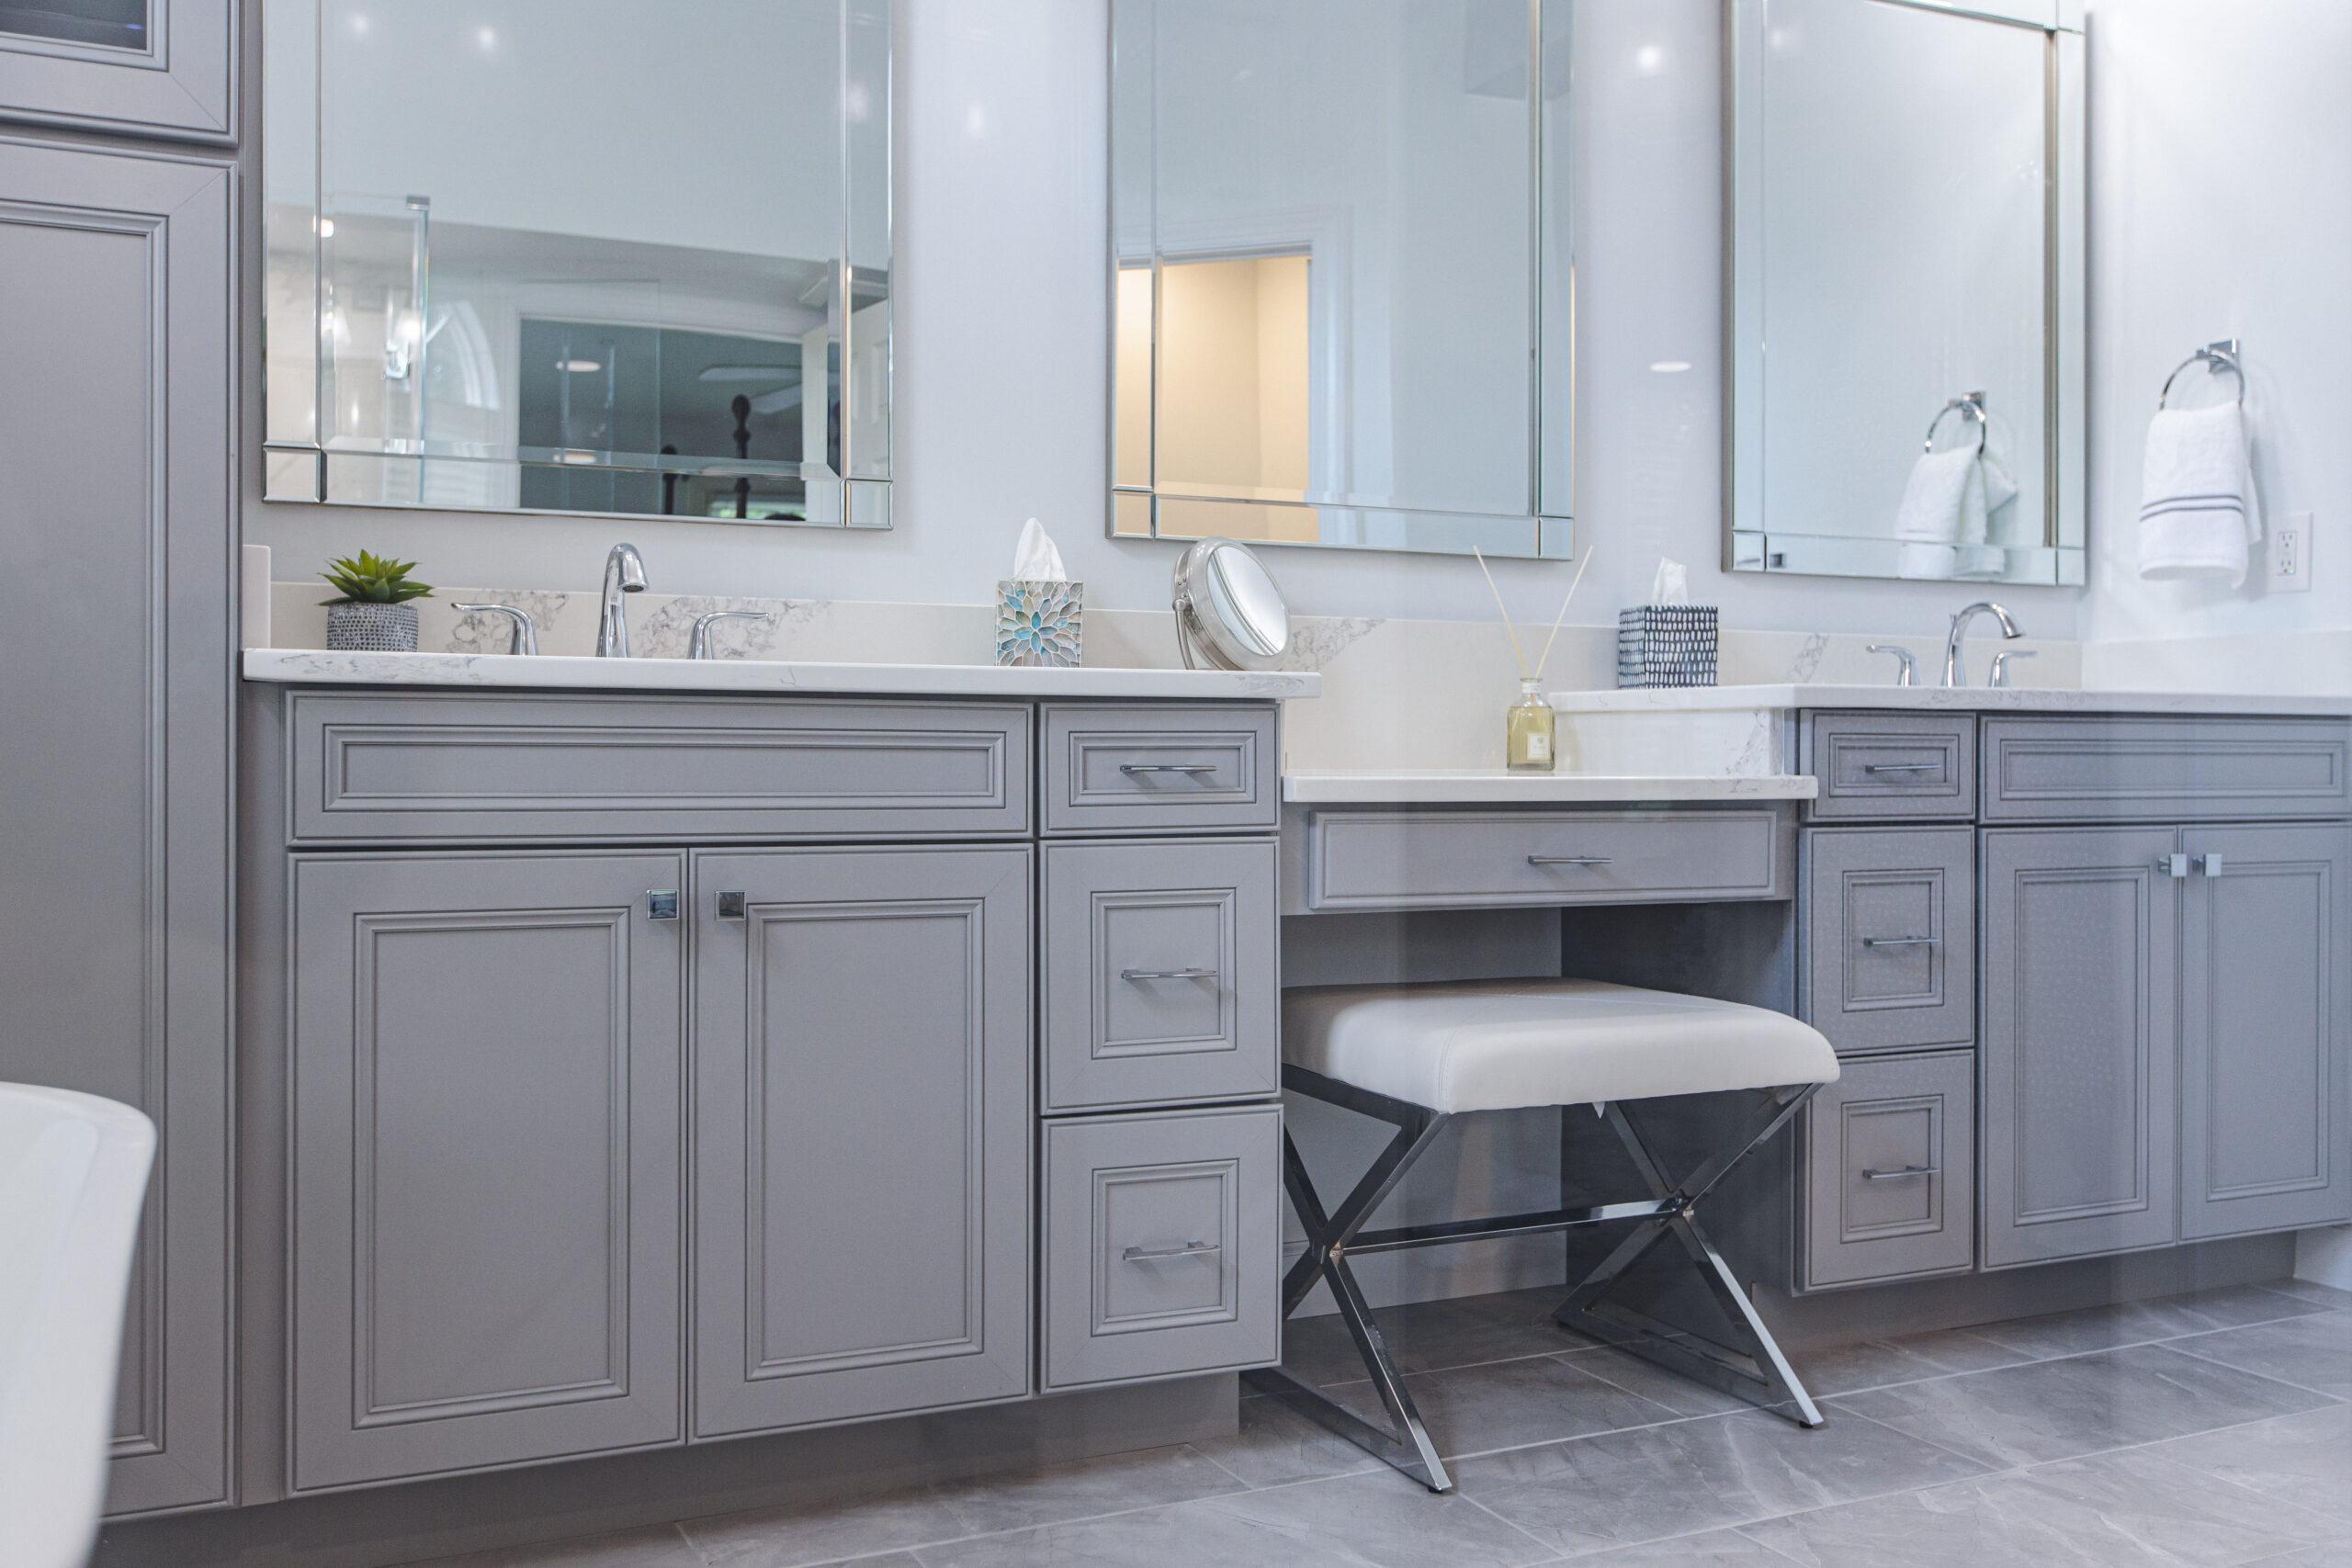 bathroom vanity remodel Clifton